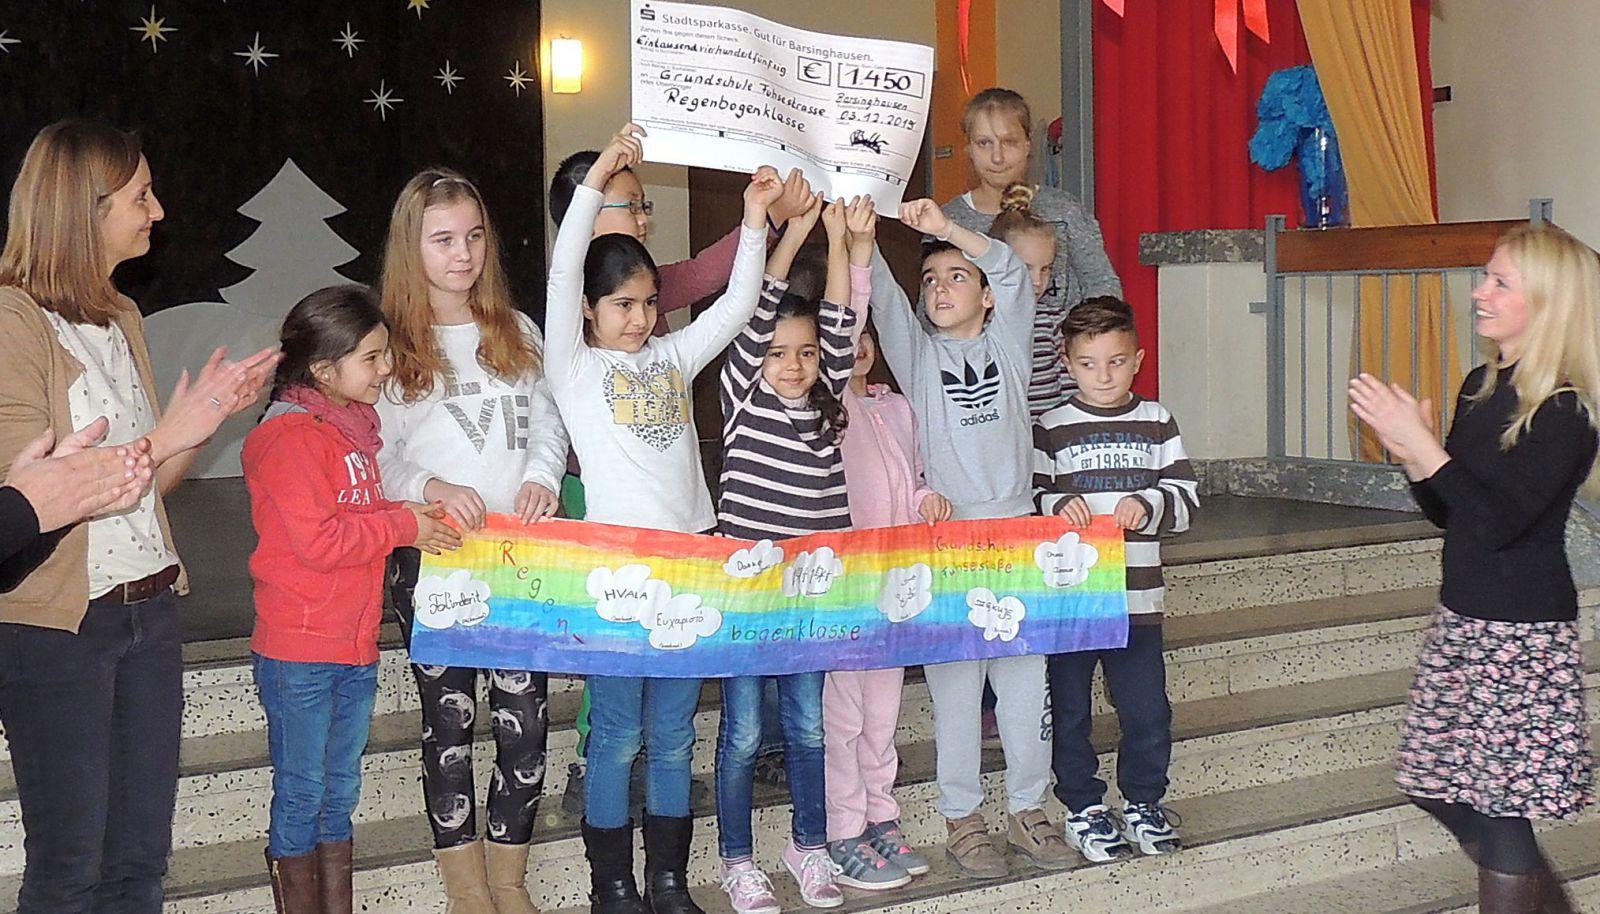 Spendenübergabe Fuhsestraße Rock for Refugees Bild 2